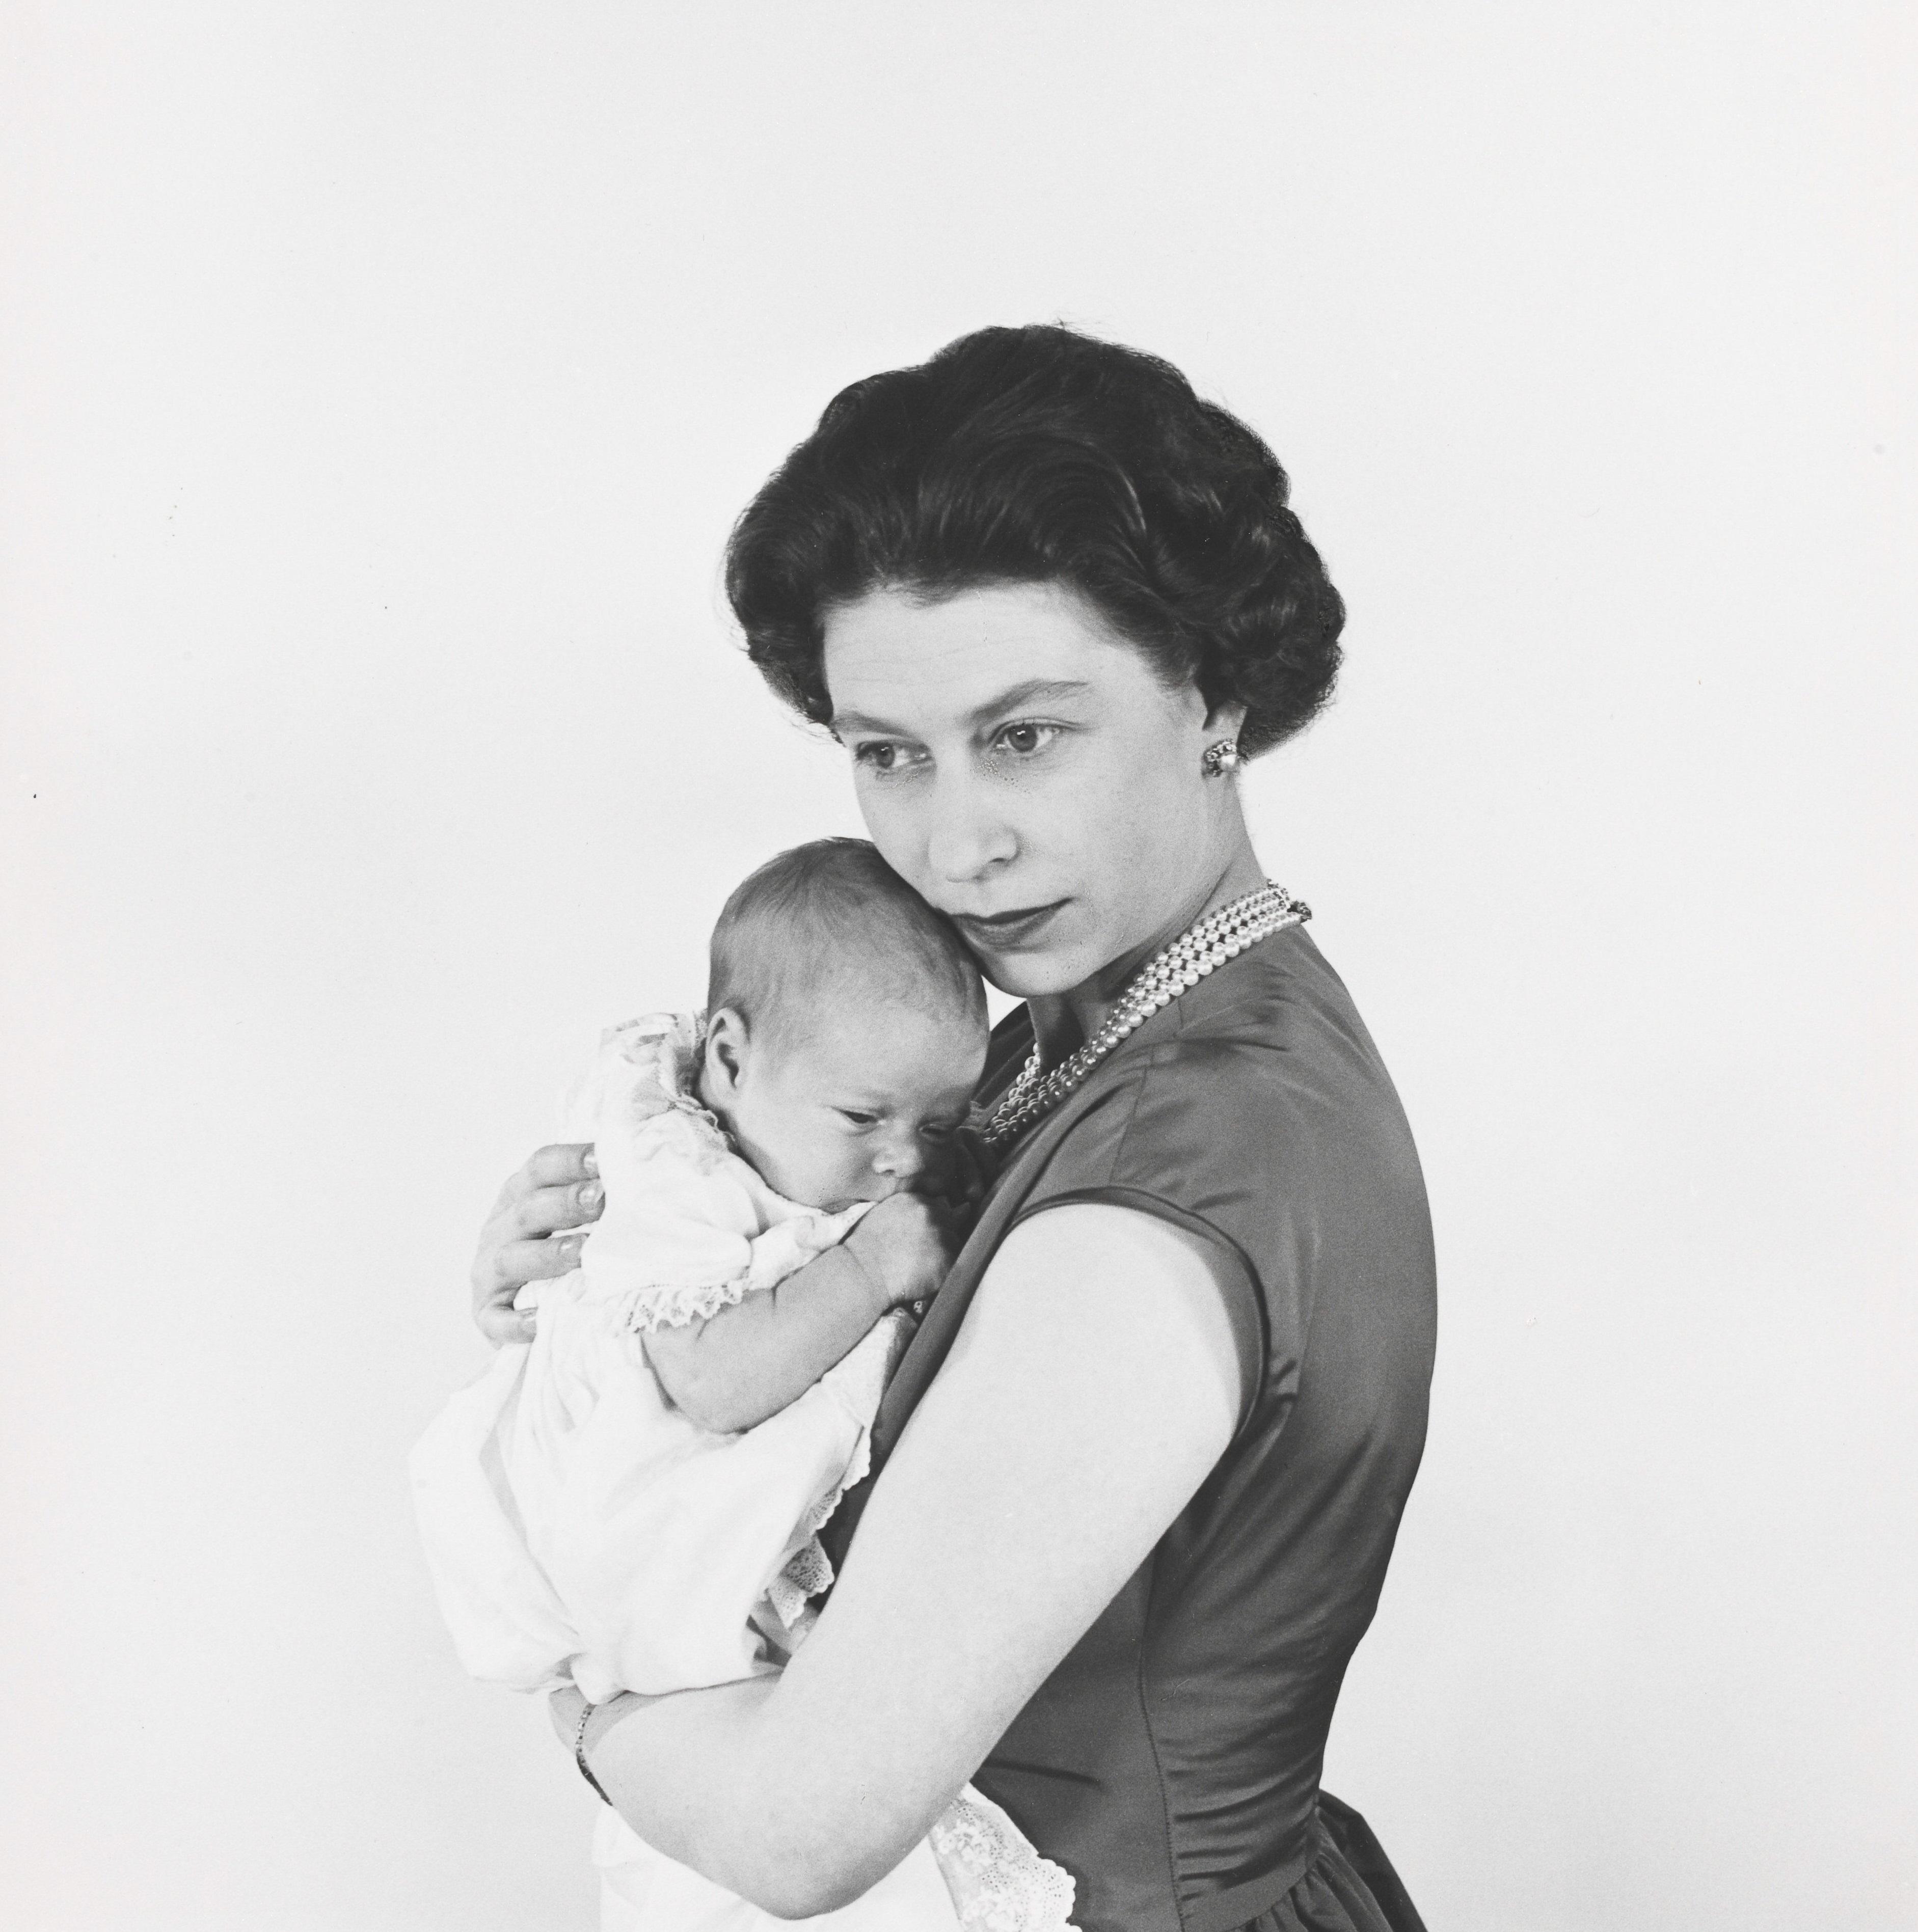 """La reina Elizabeth II de Inglaterra sostiene al príncipe Andrew. La imagen data del 1960 y formó parte de la exposición """"Queen Elizabeth II by Cecil Beaton: A Diamond Jubilee Celebration"""" que se llevó a cabo en el 2012 en el Museo Victoria & Albert. (Archivo)"""